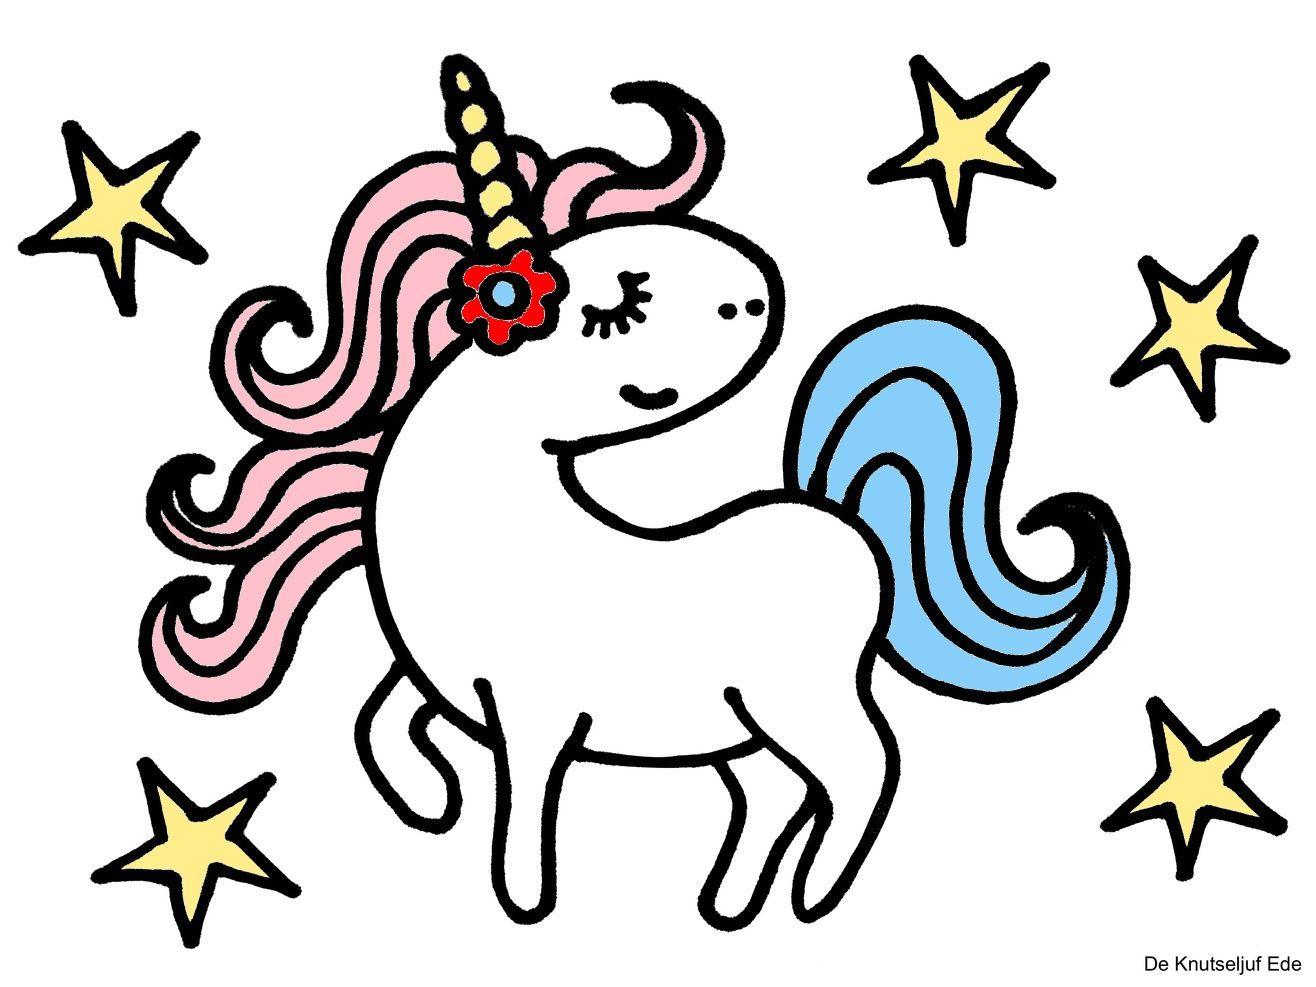 Kleurplaten Eenhoorns Unicorns Eenhoorns Regenboog Knutselen Creatief Kleurplaat De Knutseljuf E Kleurplaten Regenboog Knutselen Gratis Kleurplaten